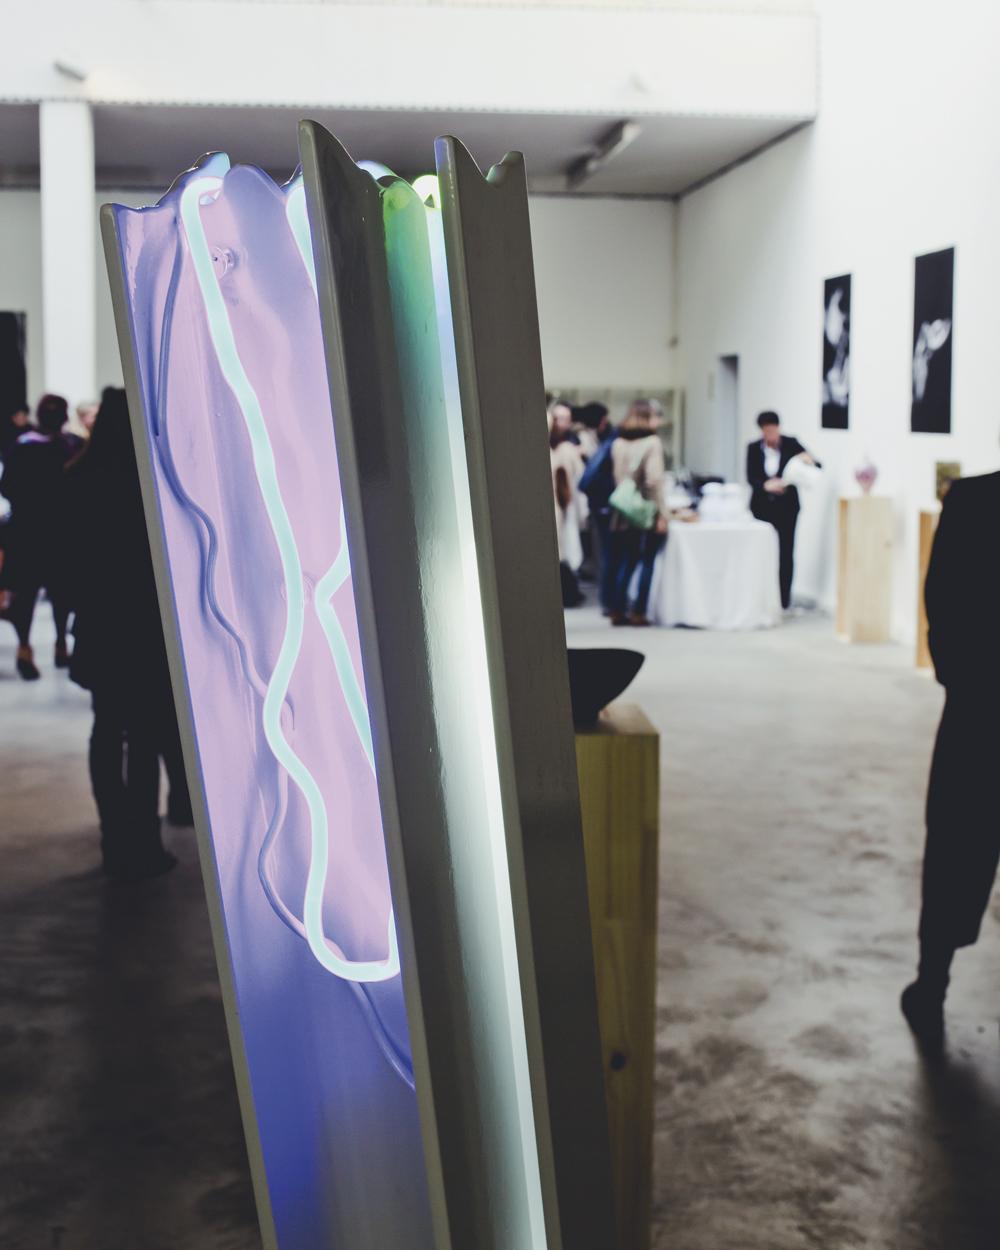 art-lab-net-metiers-d'art-expo-le-dojo-nice